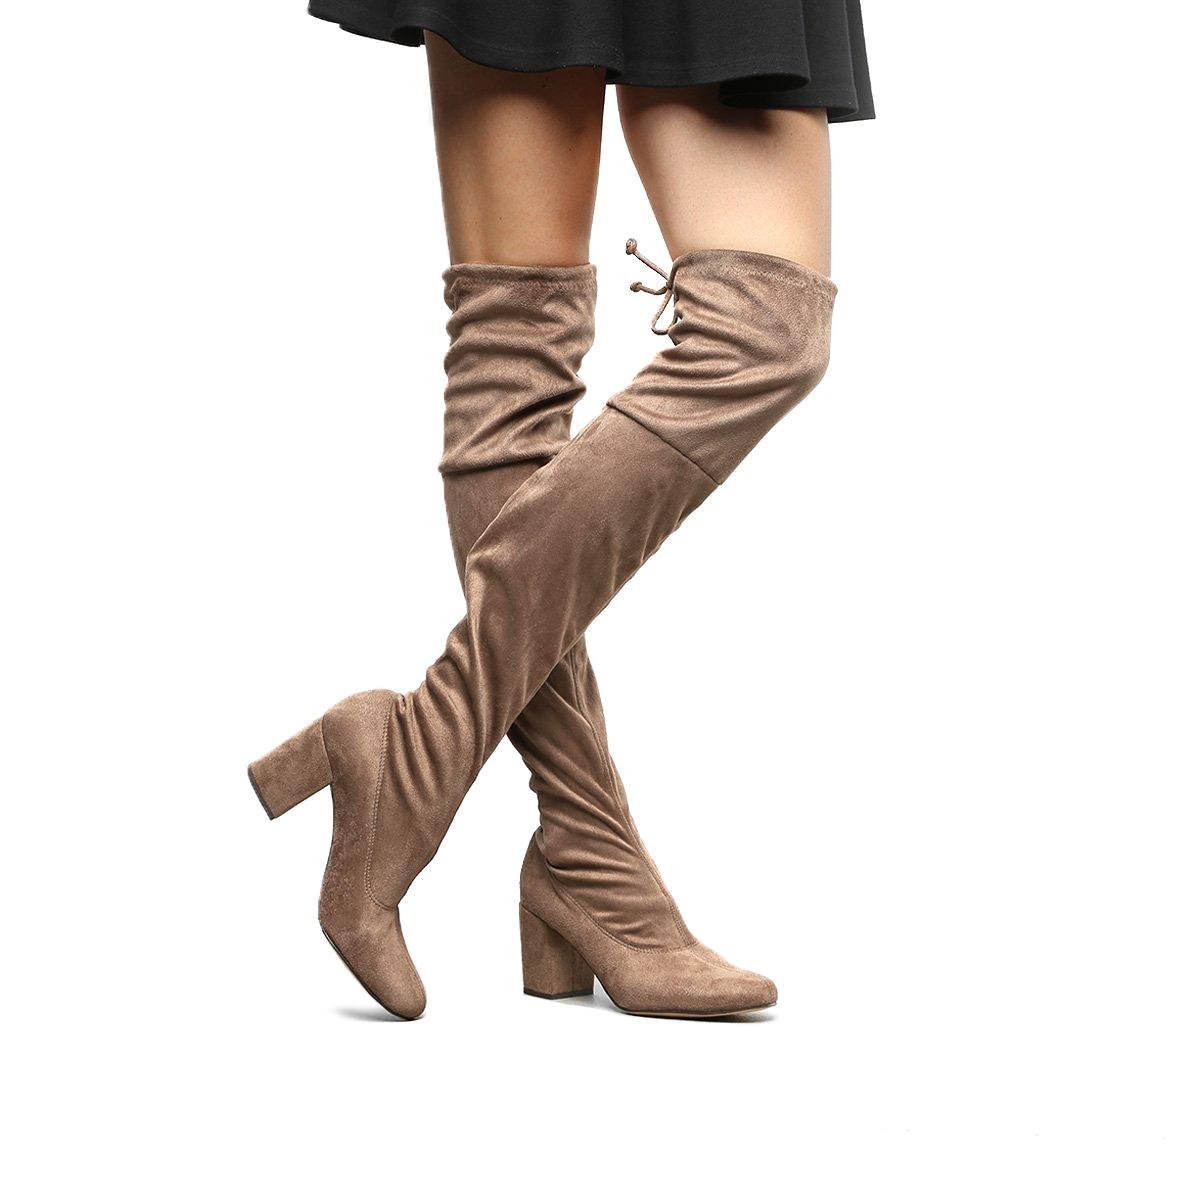 a6c70229c bota meia over the knee shoestock salto grosso feminina. Carregando zoom.